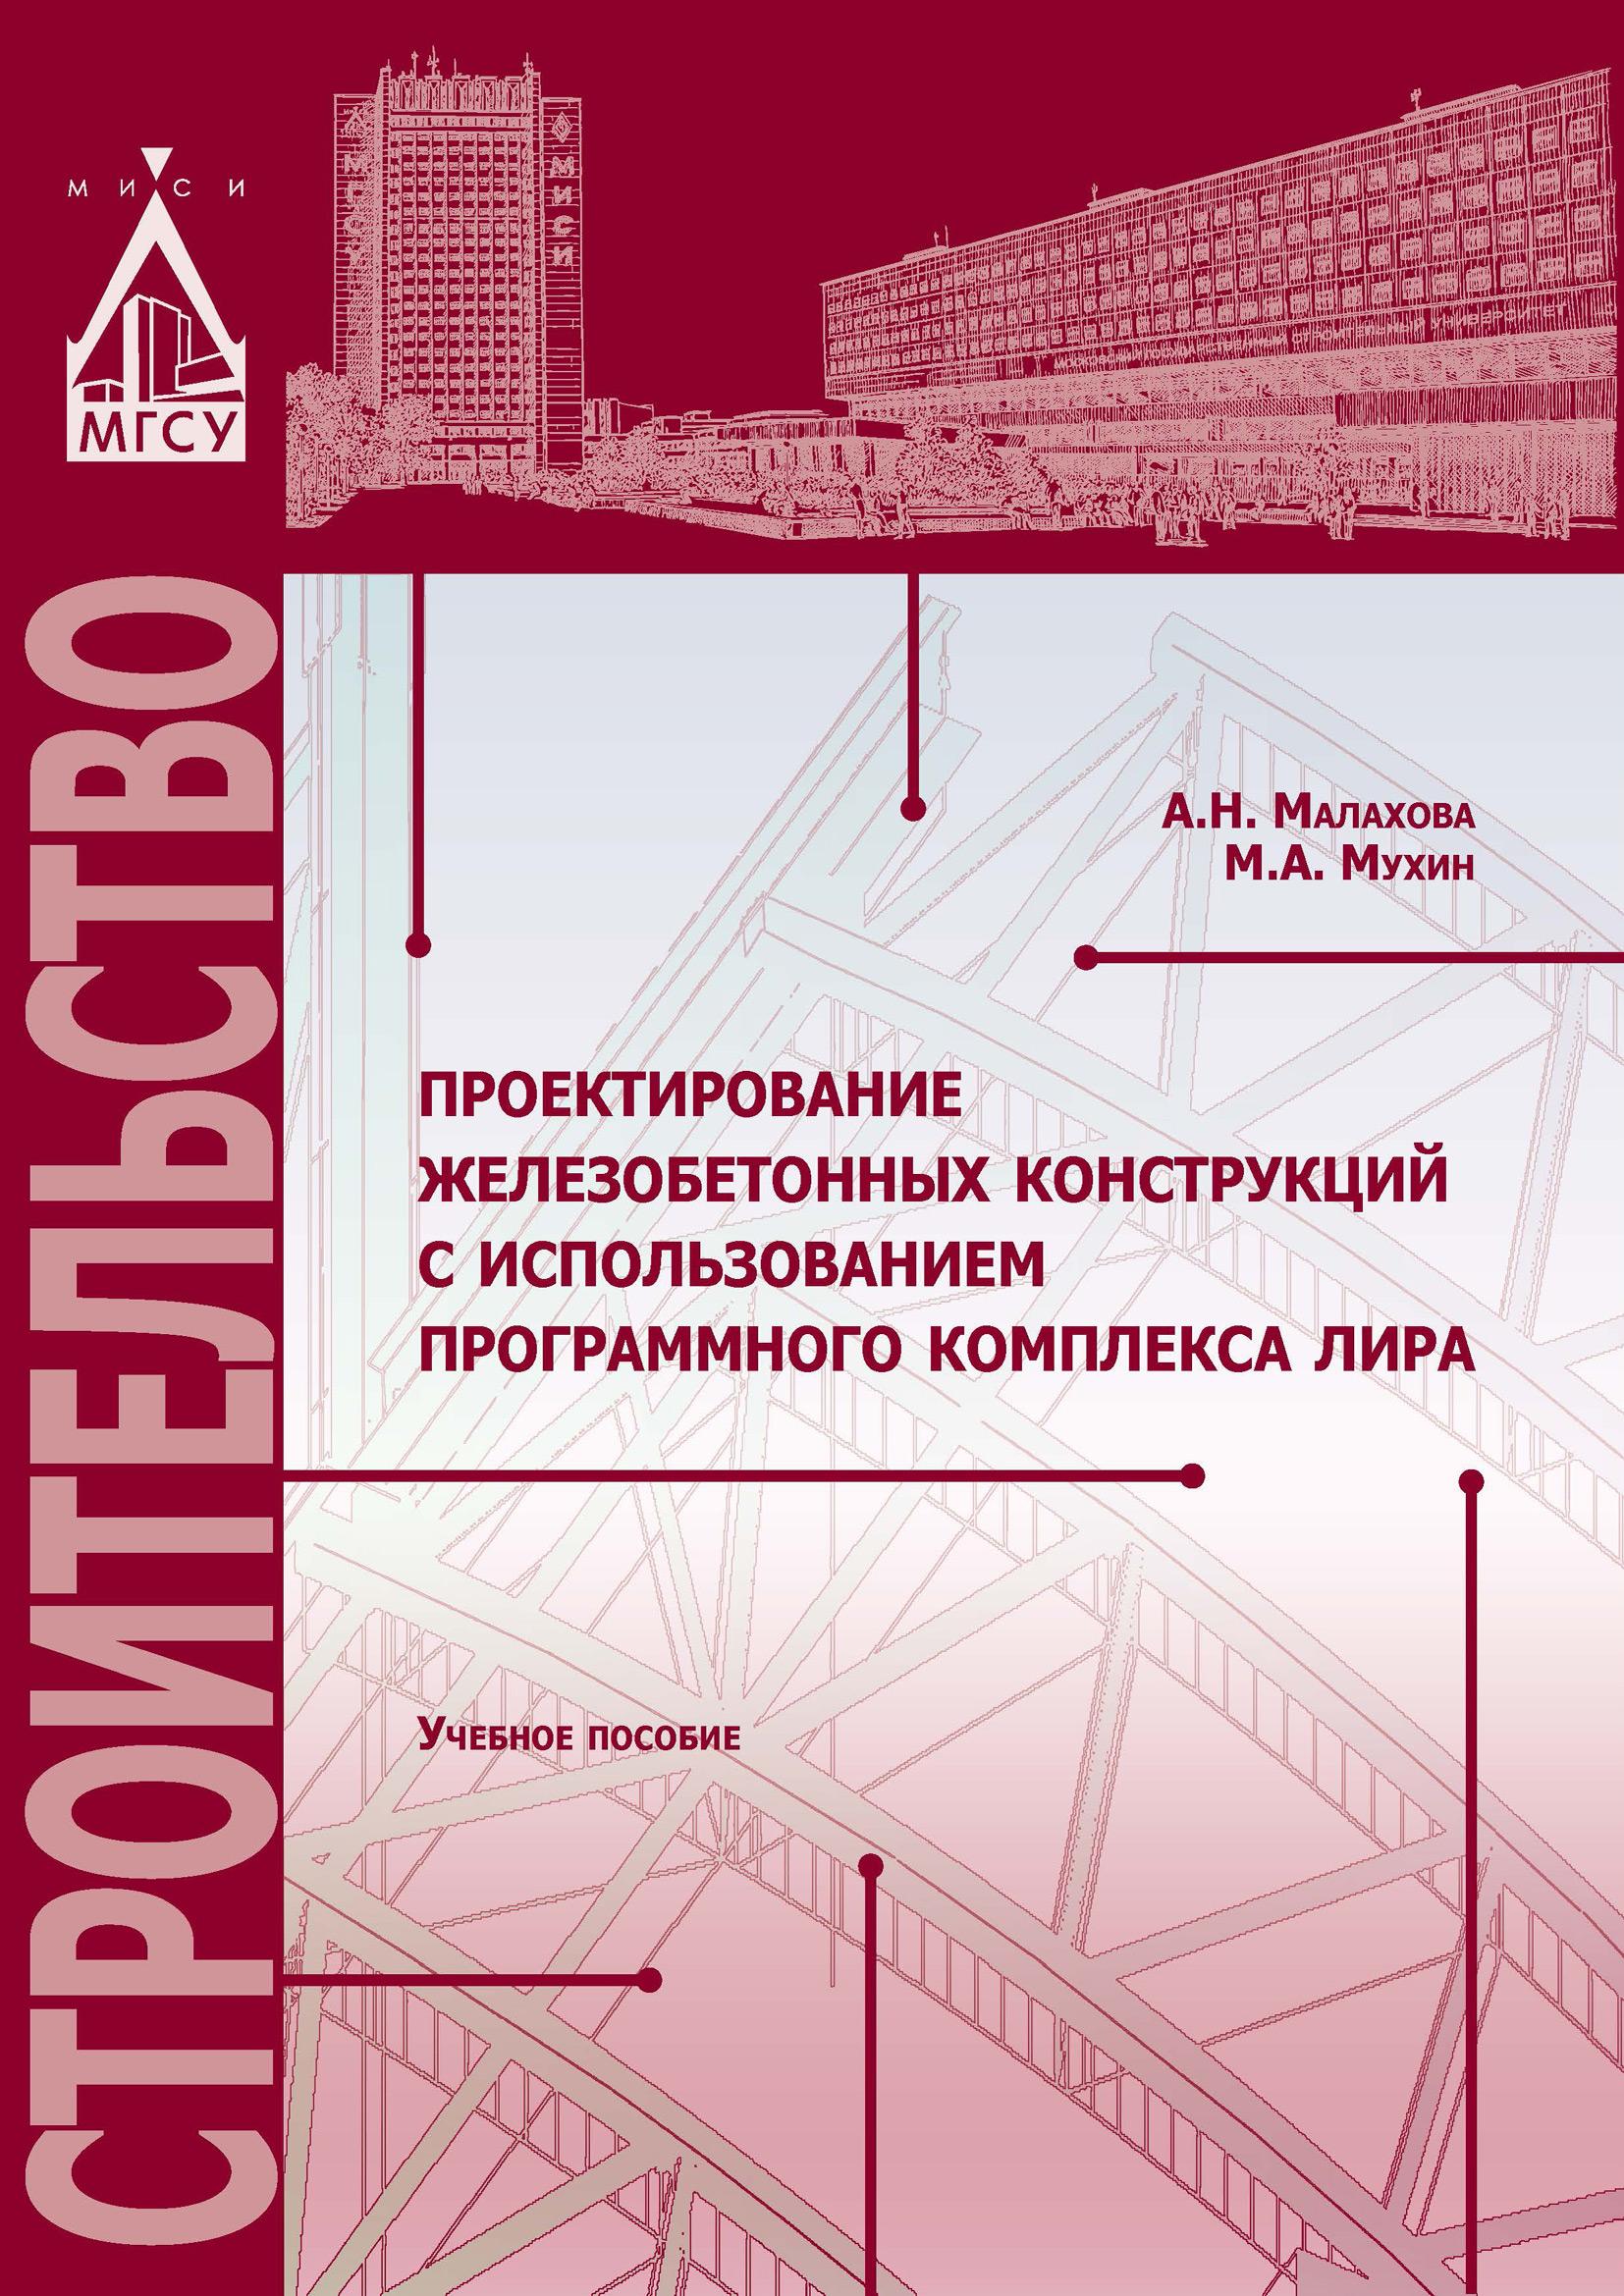 А. Н. Малахова Проектирование железобетонных конструкций с использованием программного комплекса ЛИРА а н малахова д в морозова проектирование железобетонных и металлических лестниц